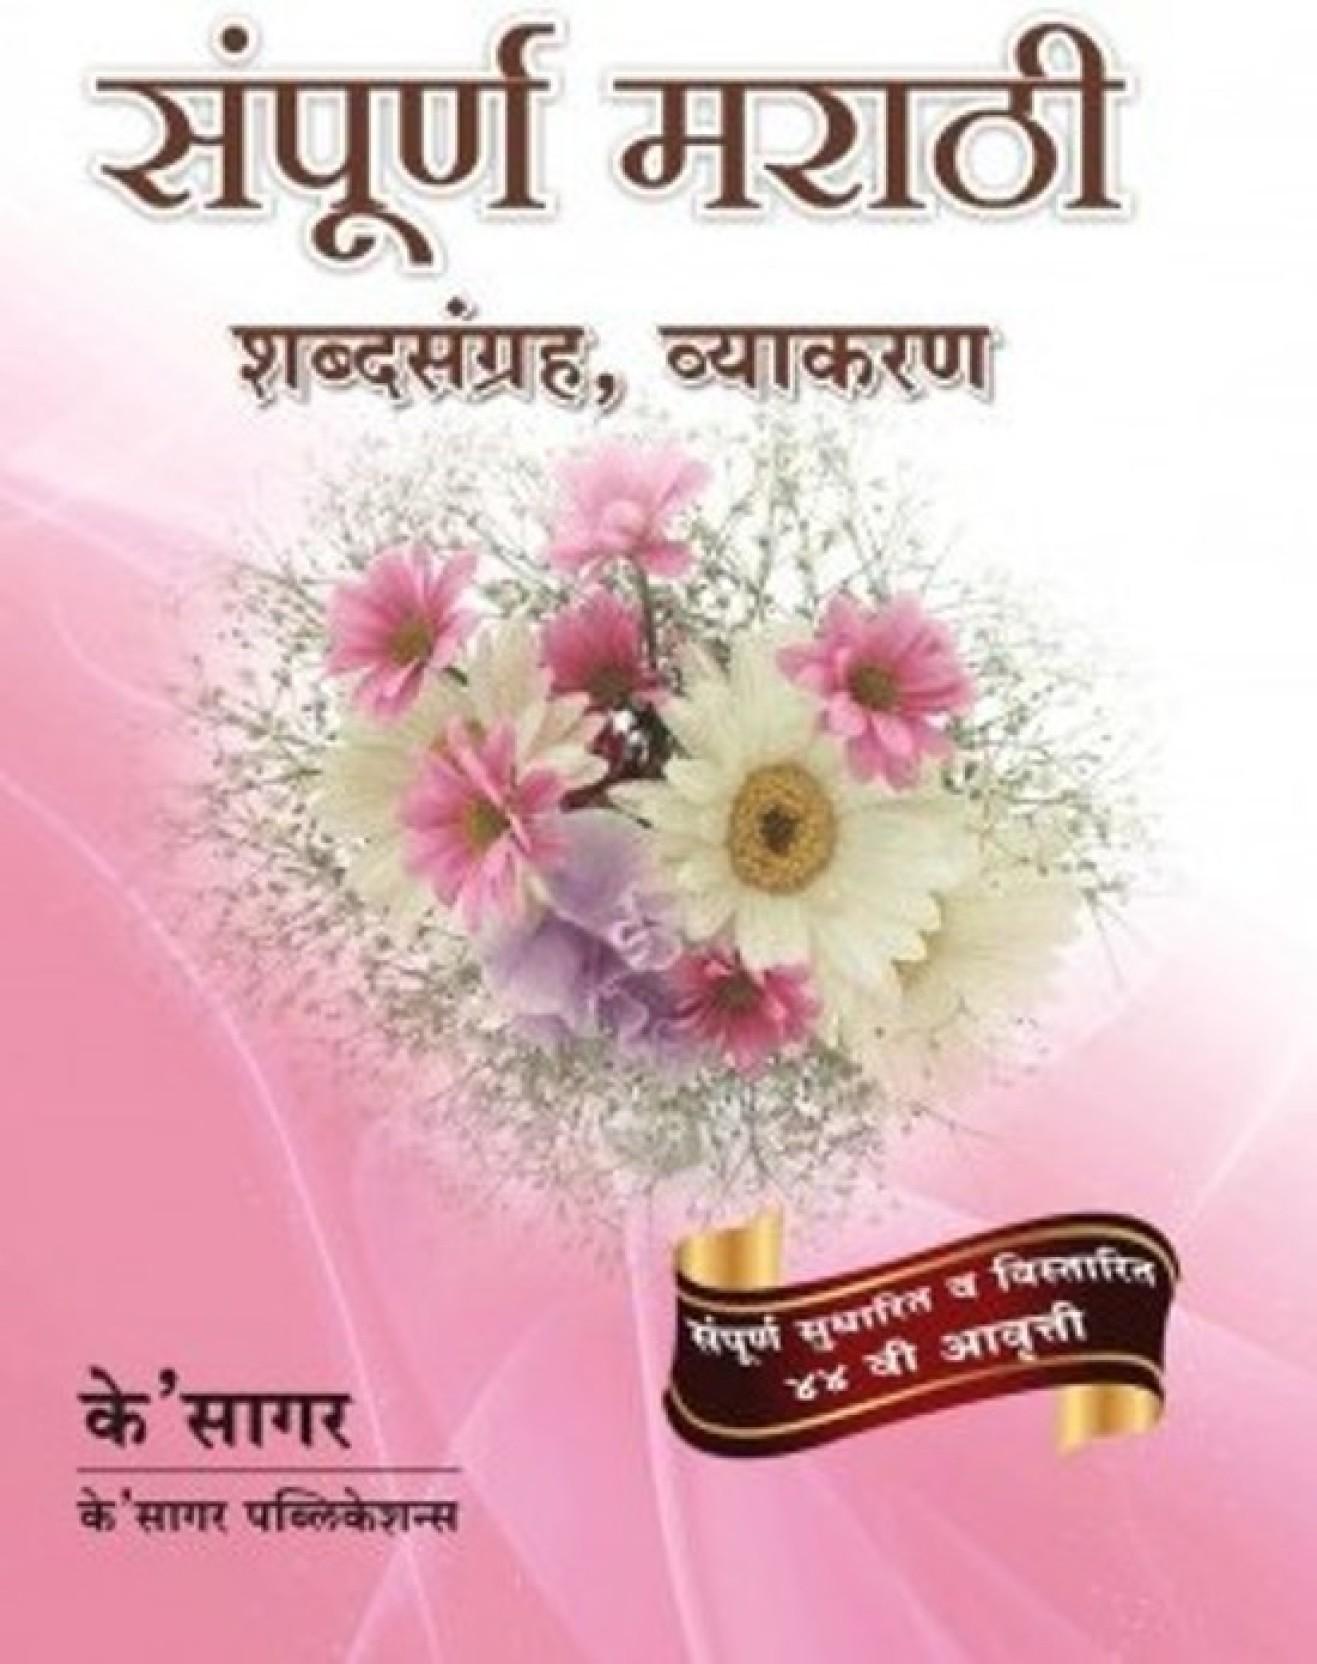 Sampurn marathi shabd sangrah vyakaran buy sampurn marathi shabd add to cart izmirmasajfo